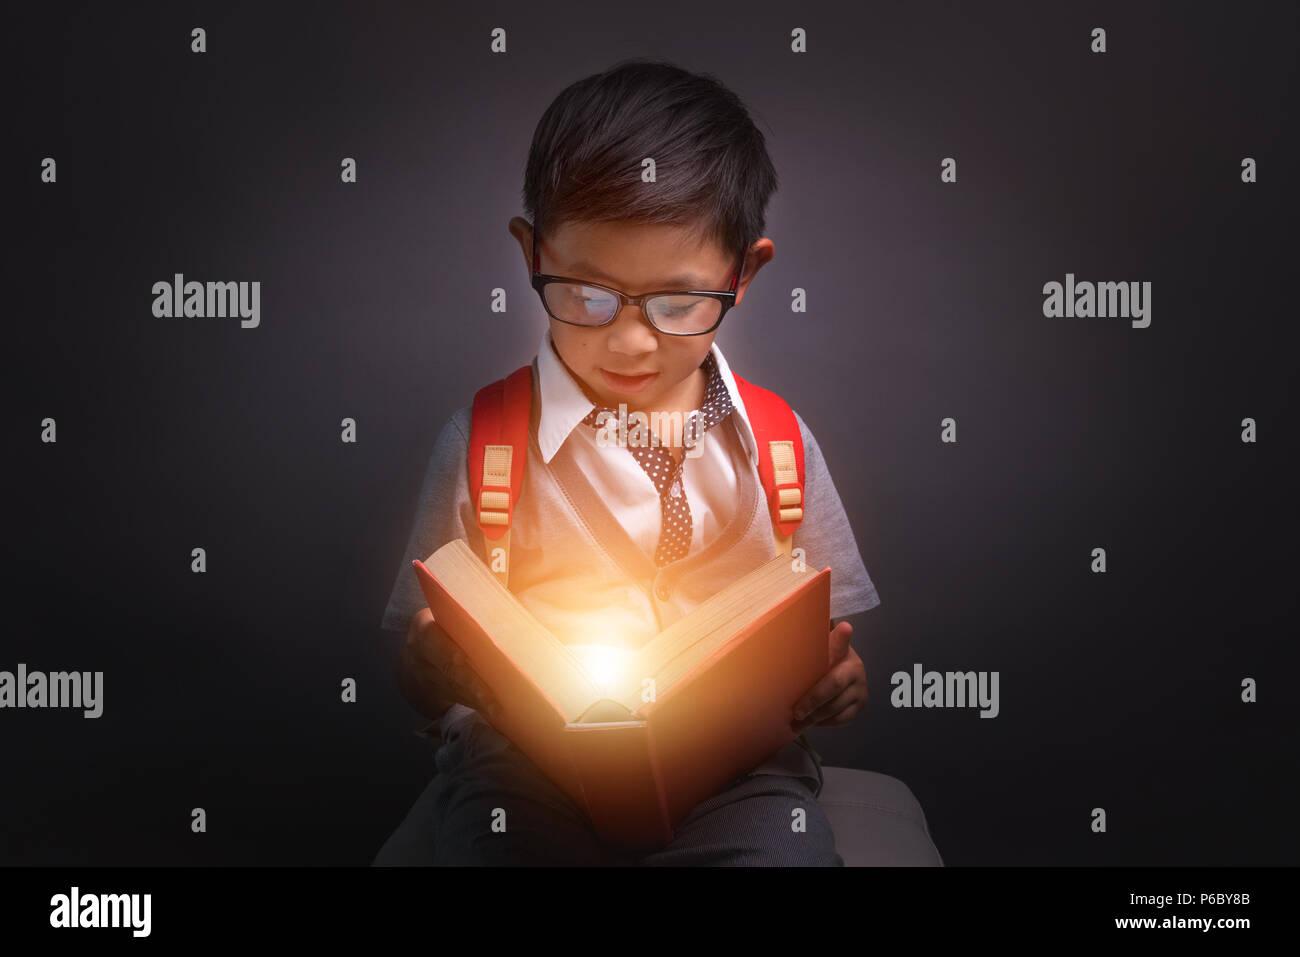 Zurück zu Schule, Kind eröffnet ein magisches Buch, das Bild dunkel Ton Stockbild